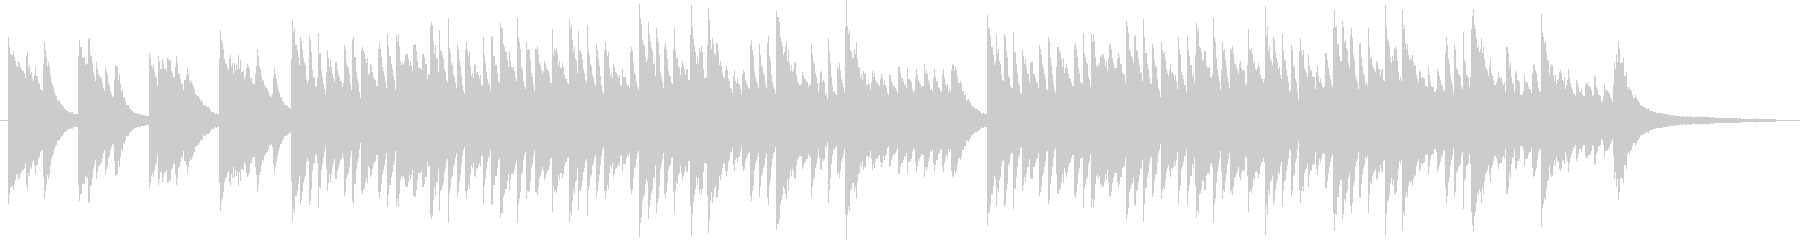 ピアノ ソロの未再生の波形